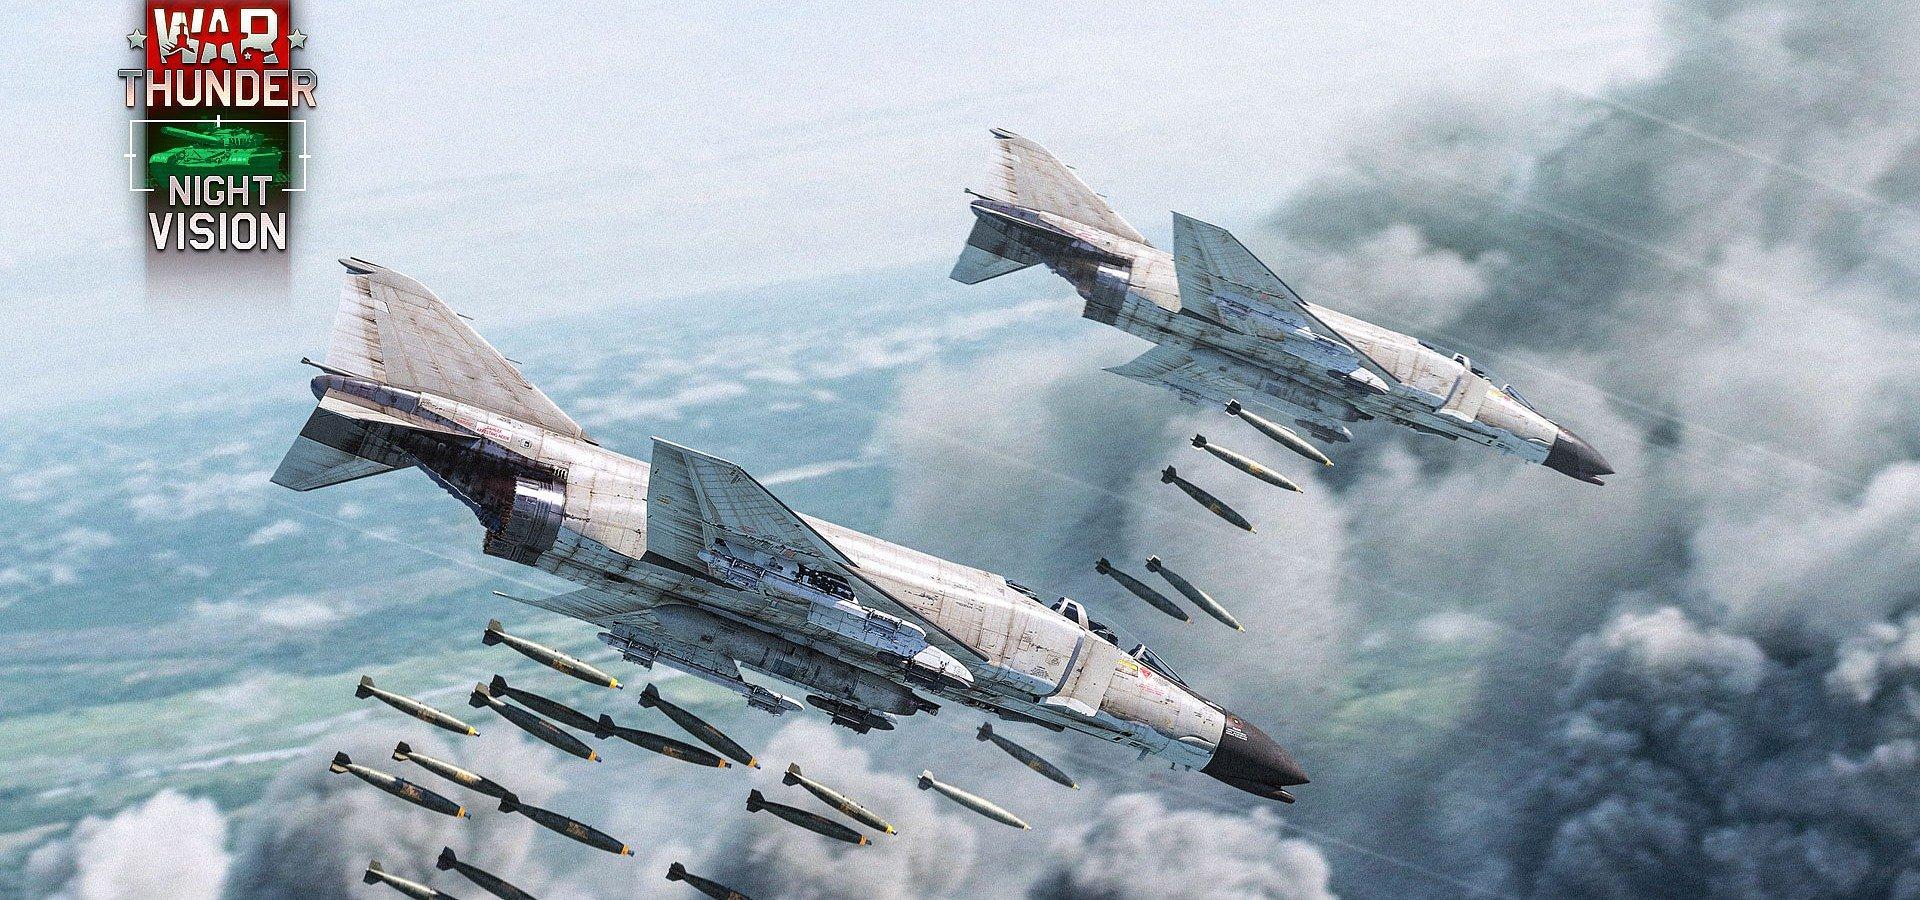 Nejnovější aktualizace War Thunder přináší noktovizi a termovizi, legendární proudové letouny z války ve Vietnamu a další